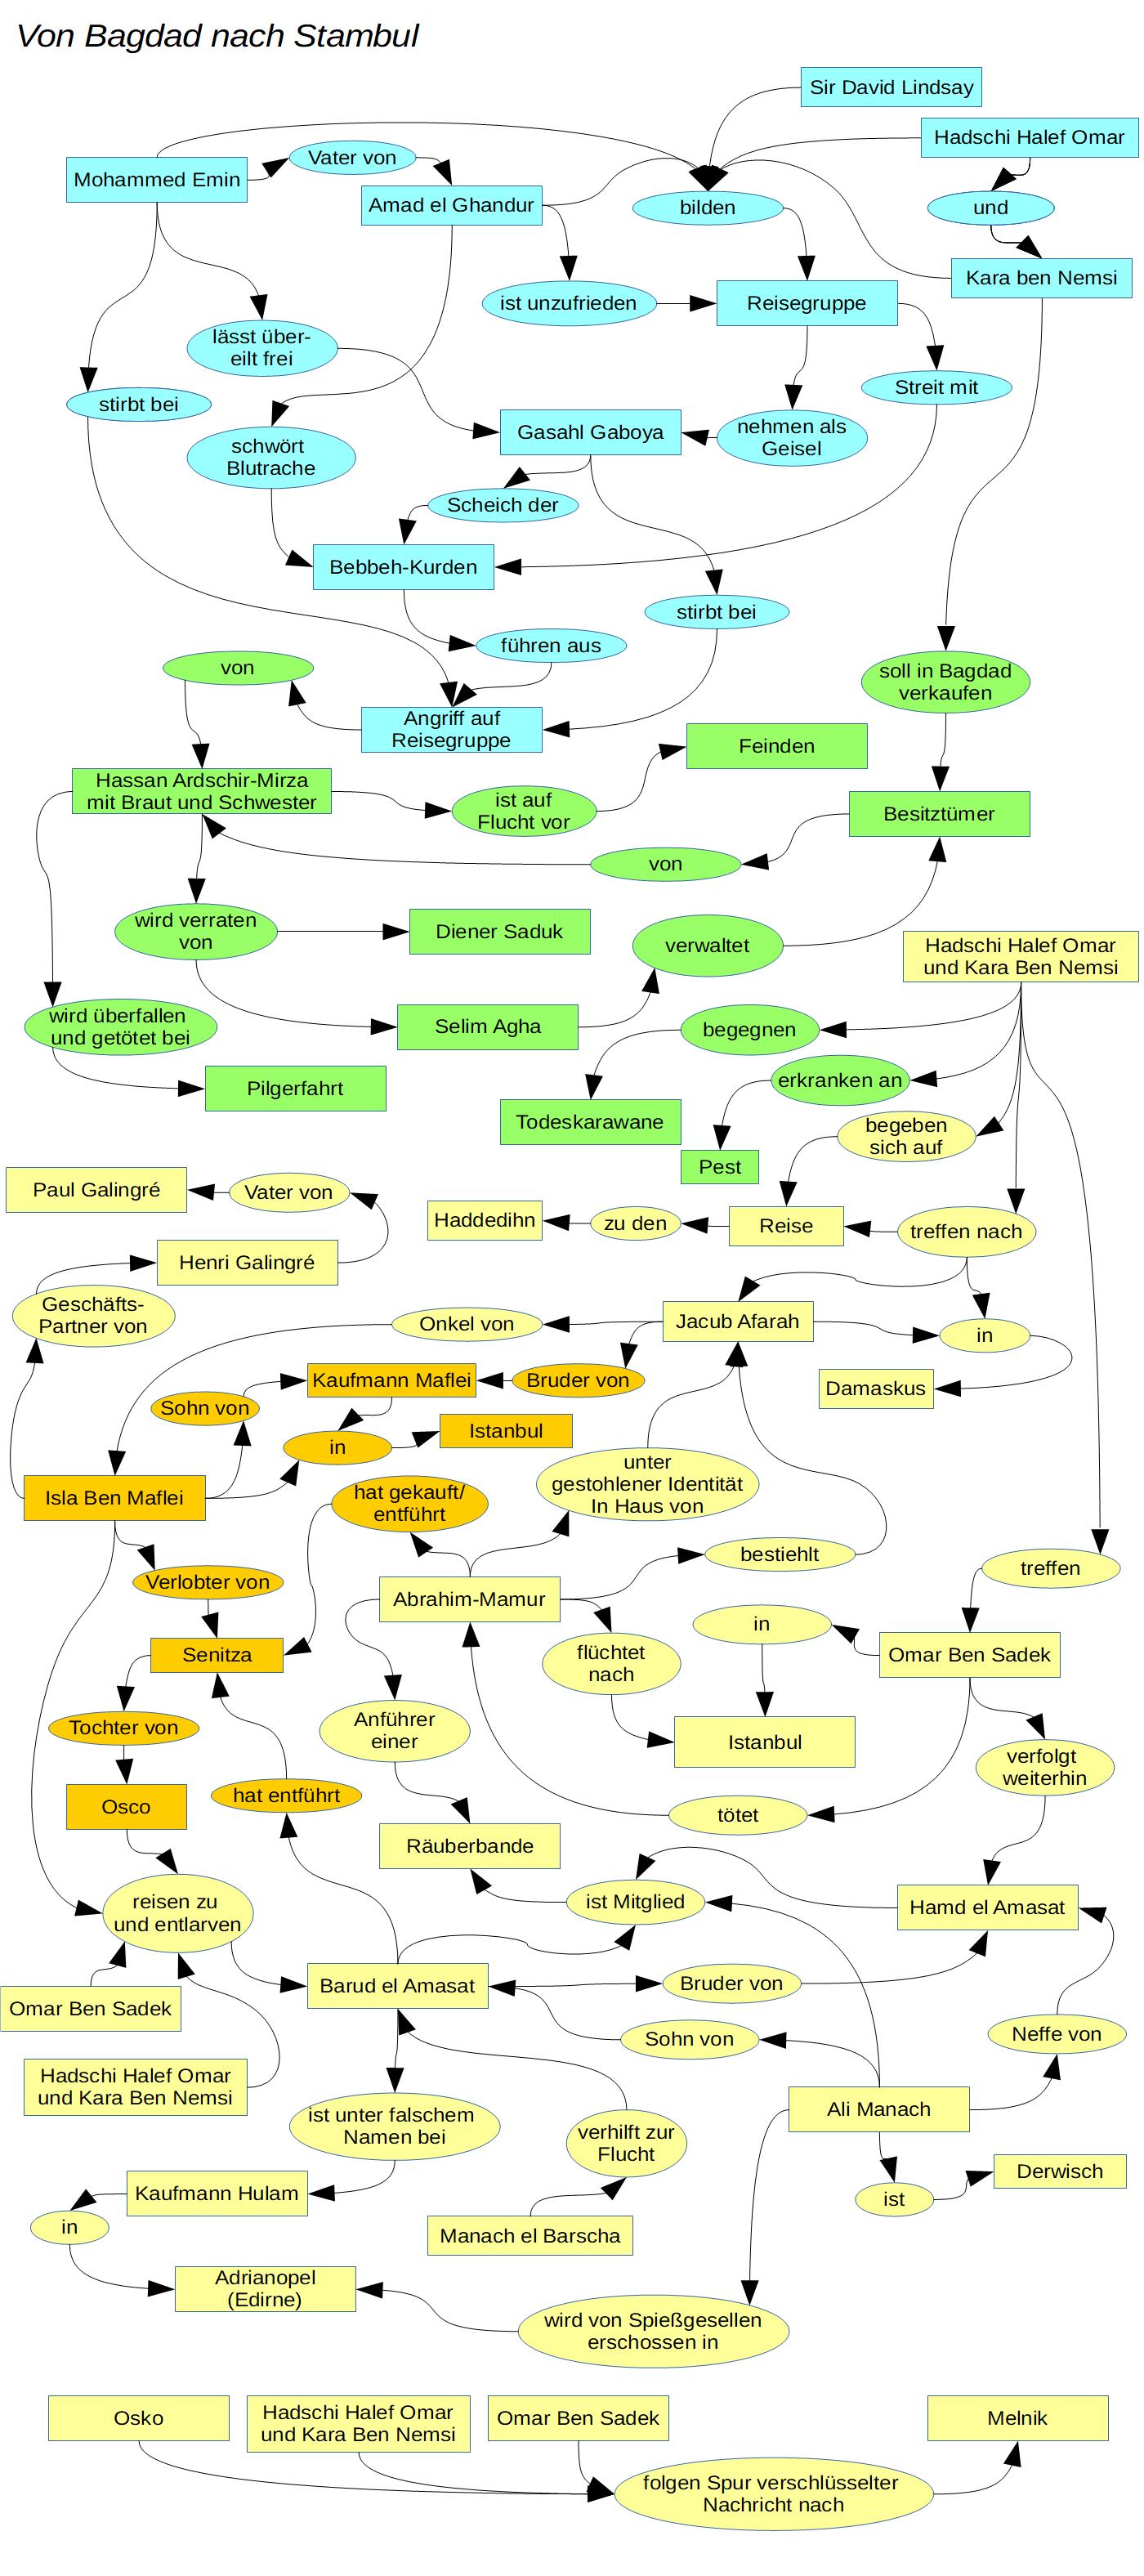 Diagramm mit Handlung von Von Bagdad nach Stambul